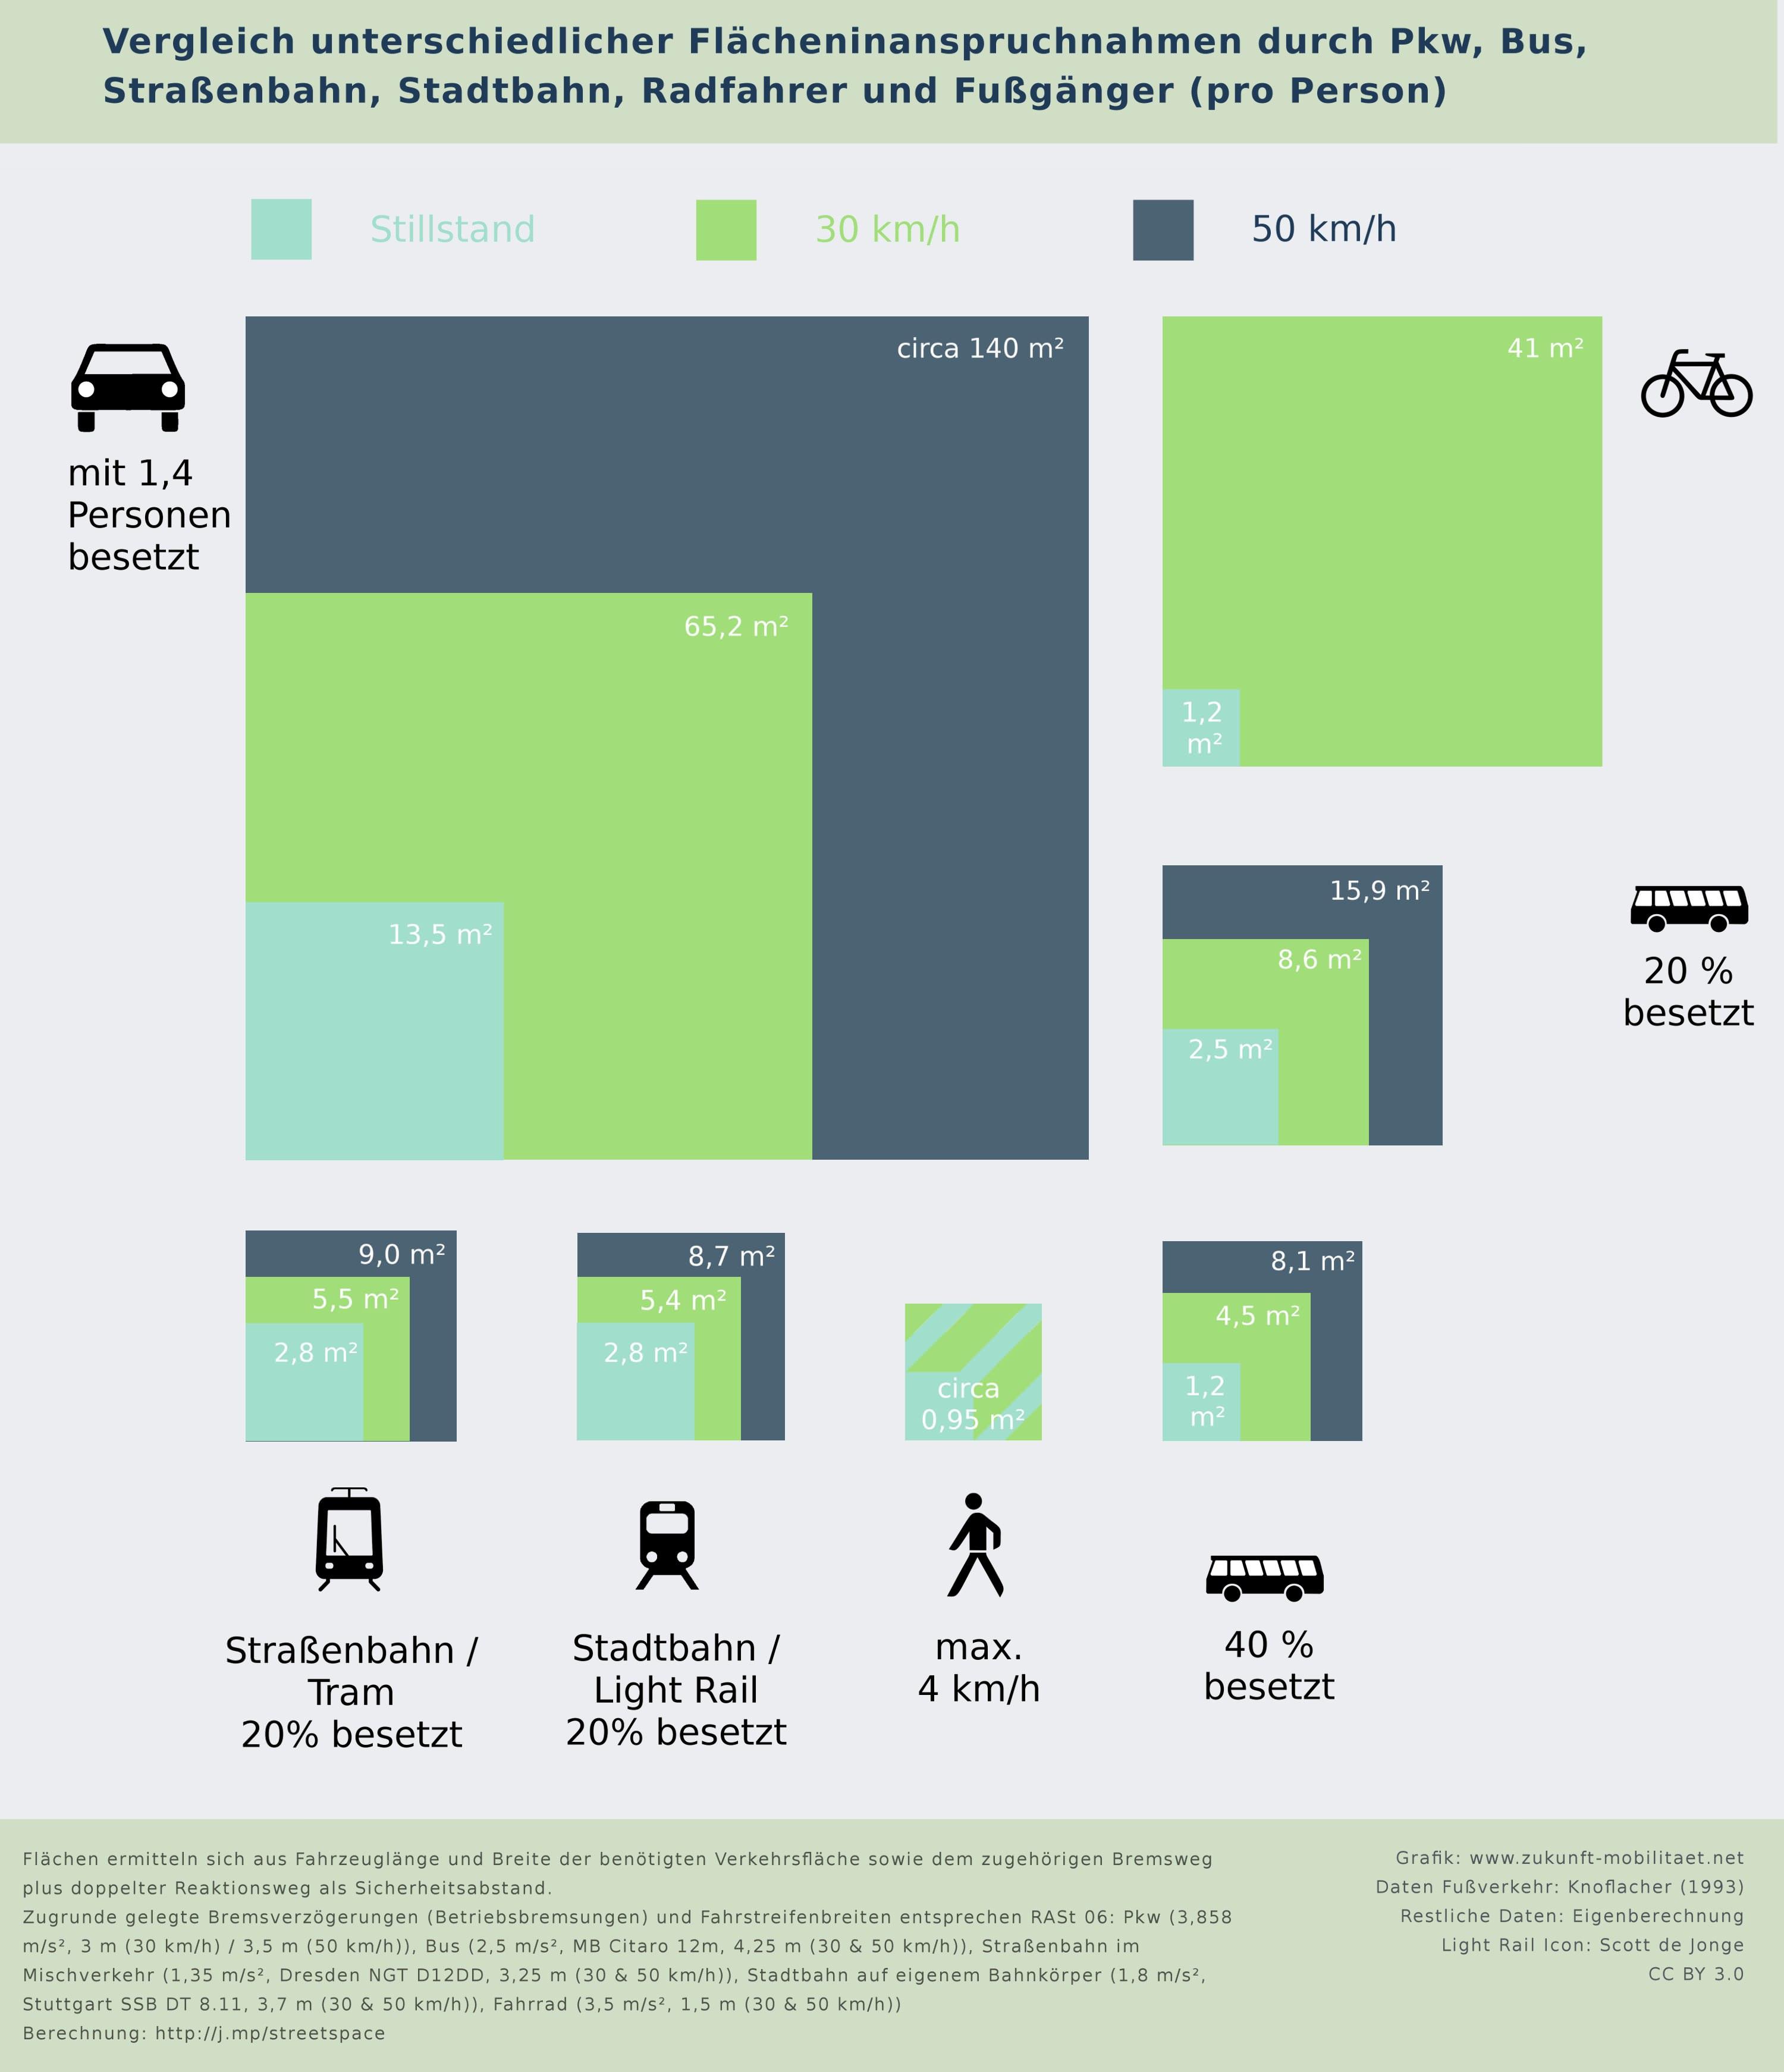 vergleich unterschiedlicher fl cheninanspruchnahmen nach verkehrsarten pro person zukunft. Black Bedroom Furniture Sets. Home Design Ideas